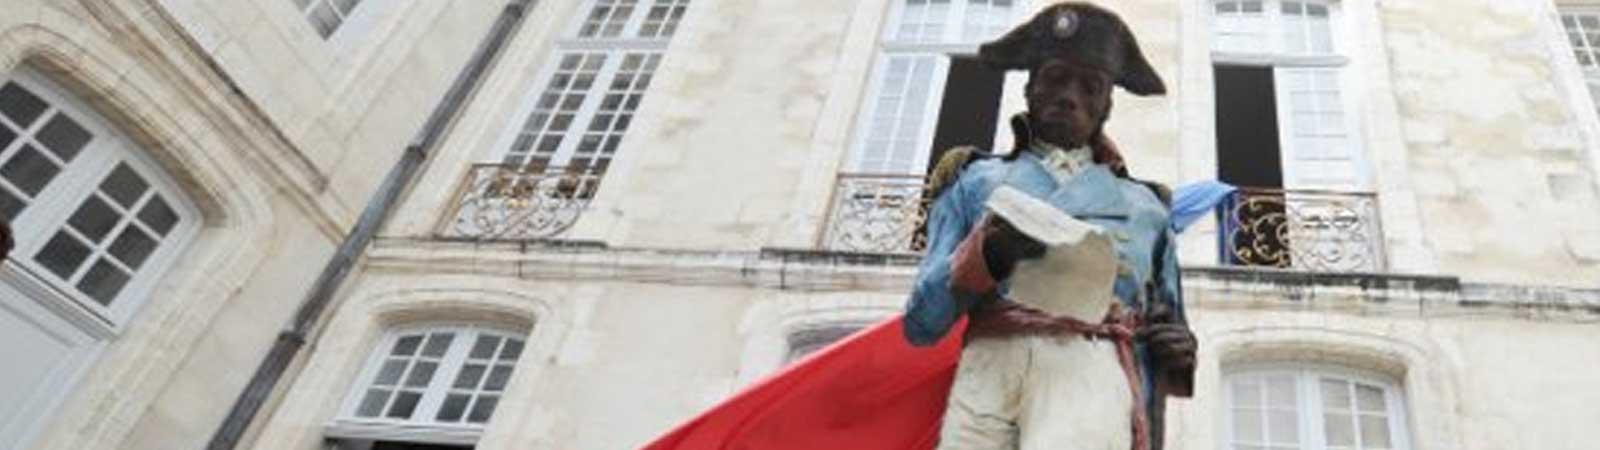 INAUGURATION DE LA STATUE DE TOUSSAINT LOUVERTURE